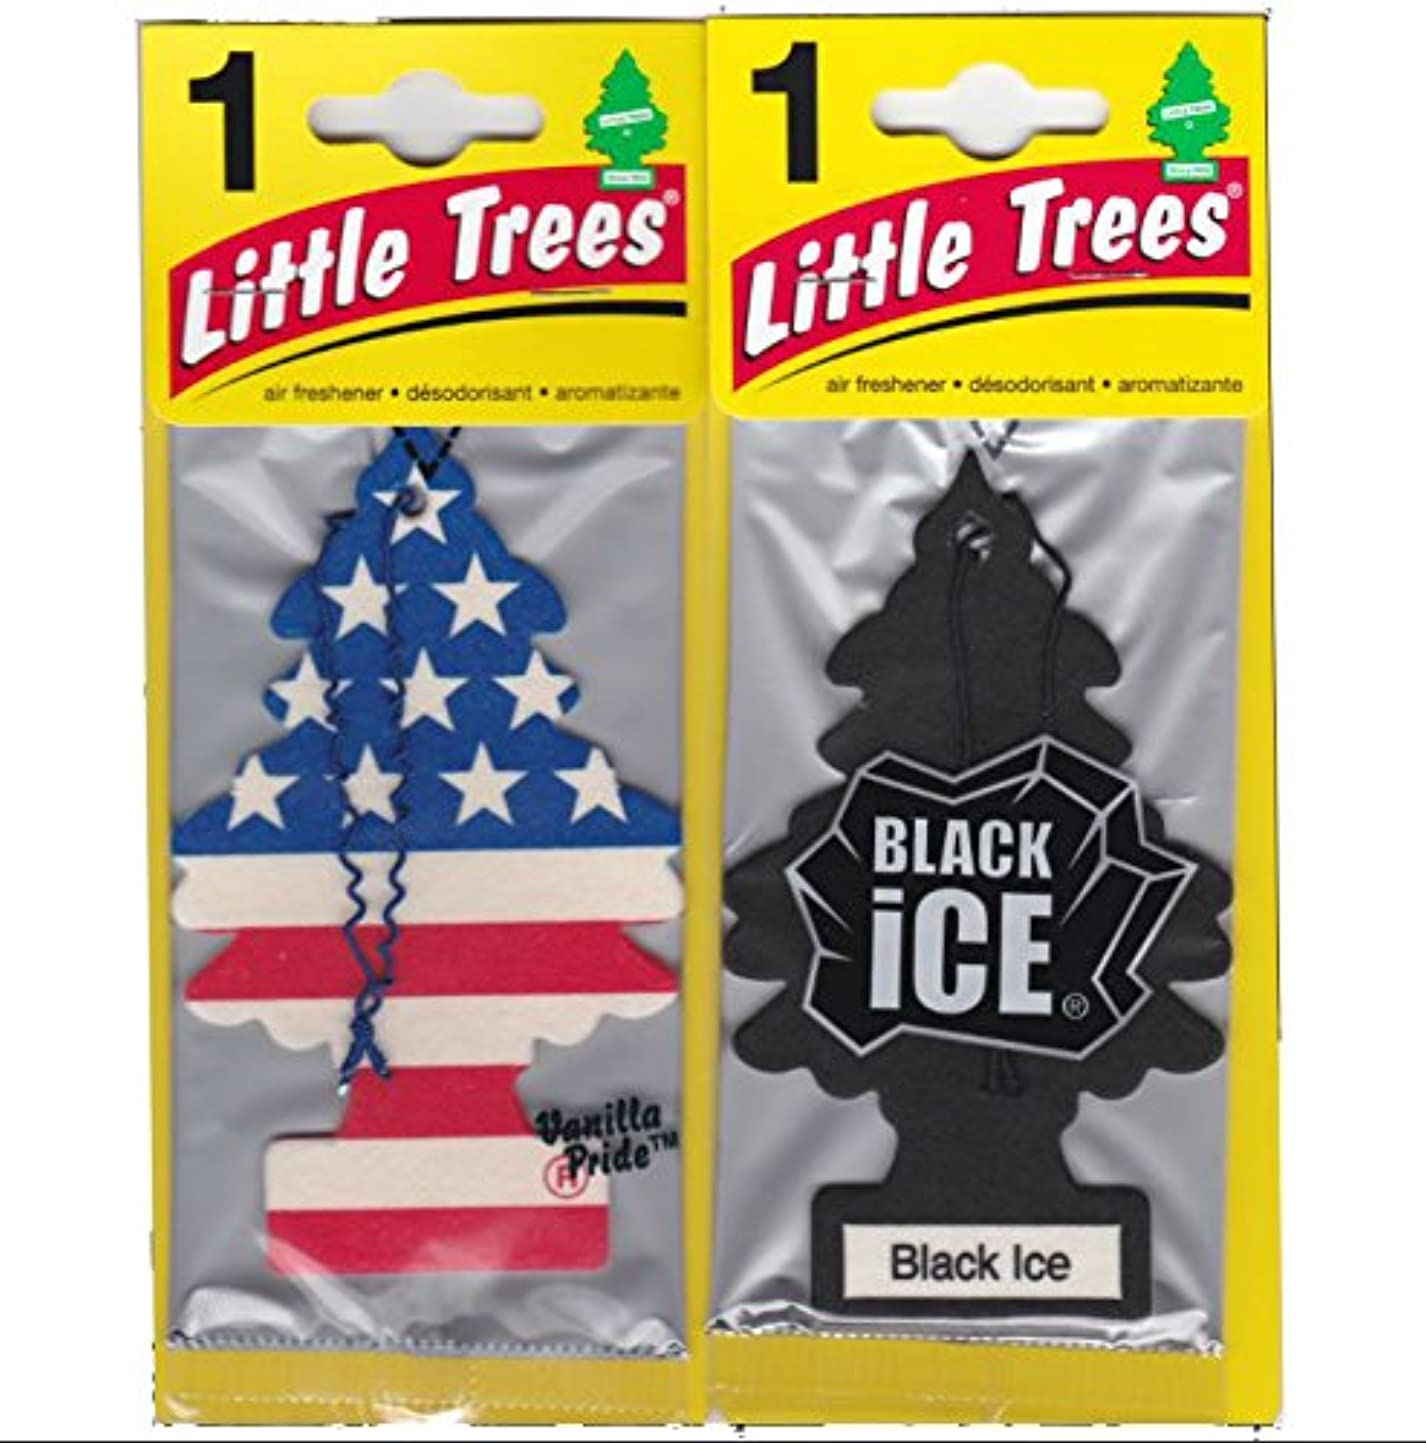 健康層ハウジングLittle Trees 吊下げ式 芳香剤 エアーフレッシュナー ブラックアイス & バニラプライド [並行輸入品]